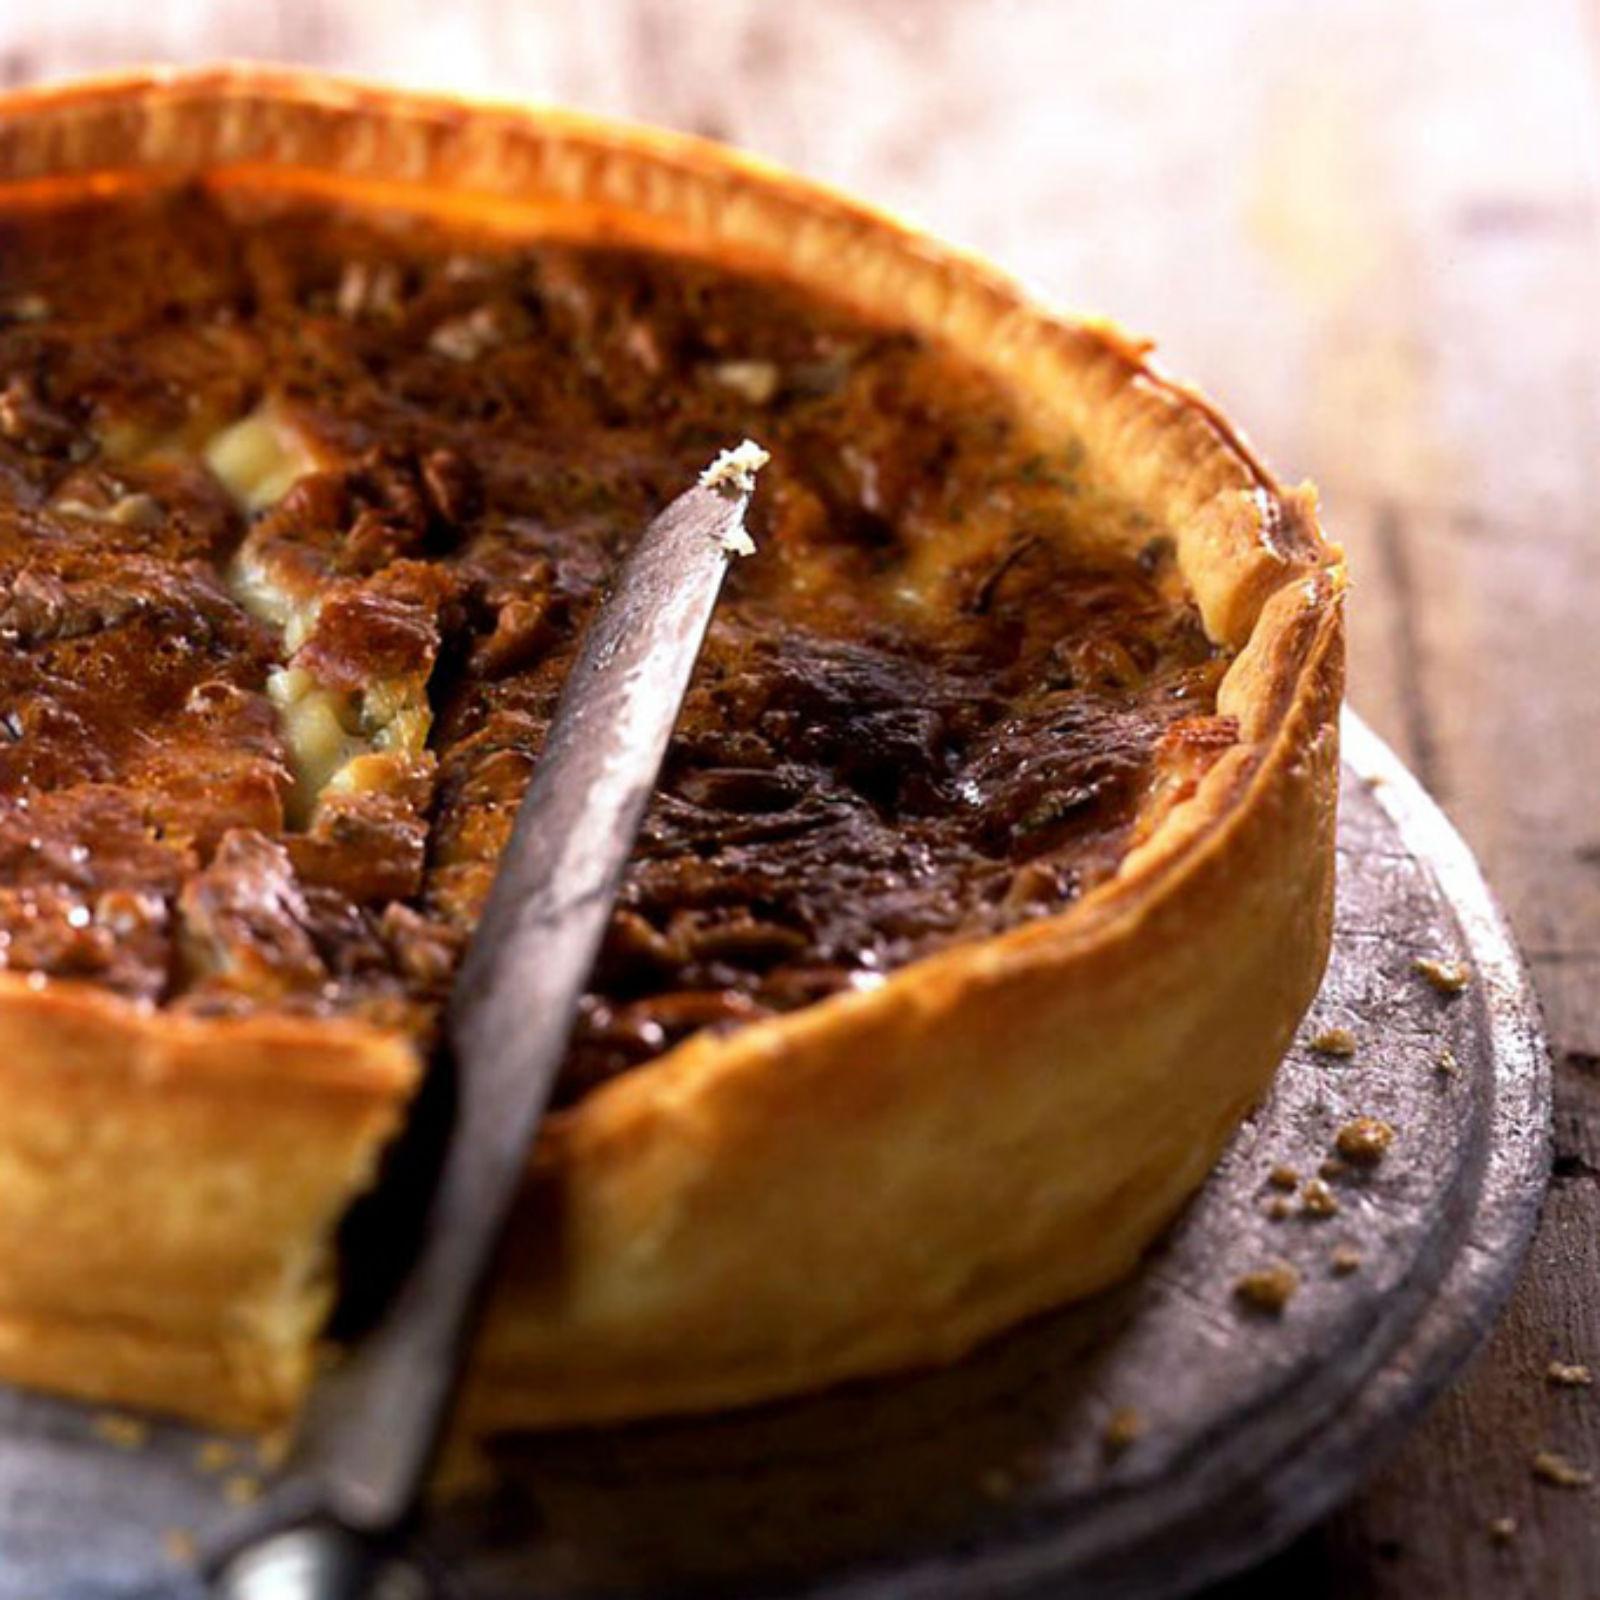 Recette quiche lorraine : je trouve mon inspiration sur les blogs de cuisine